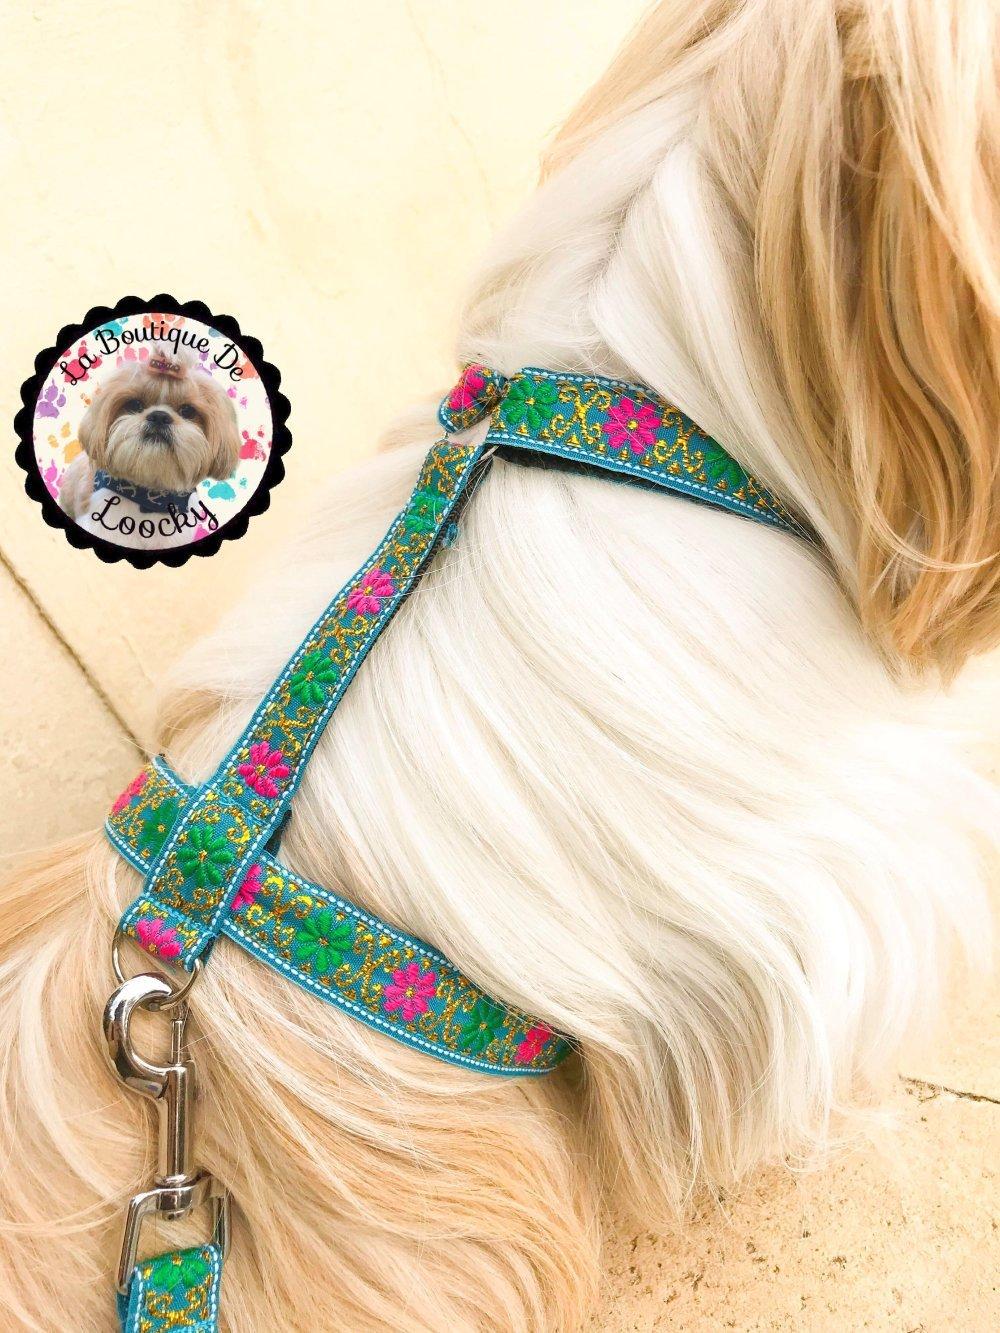 HARNAIS LAISSE pour CHIEN chic turquoise / laisse pour chien / chien chic /